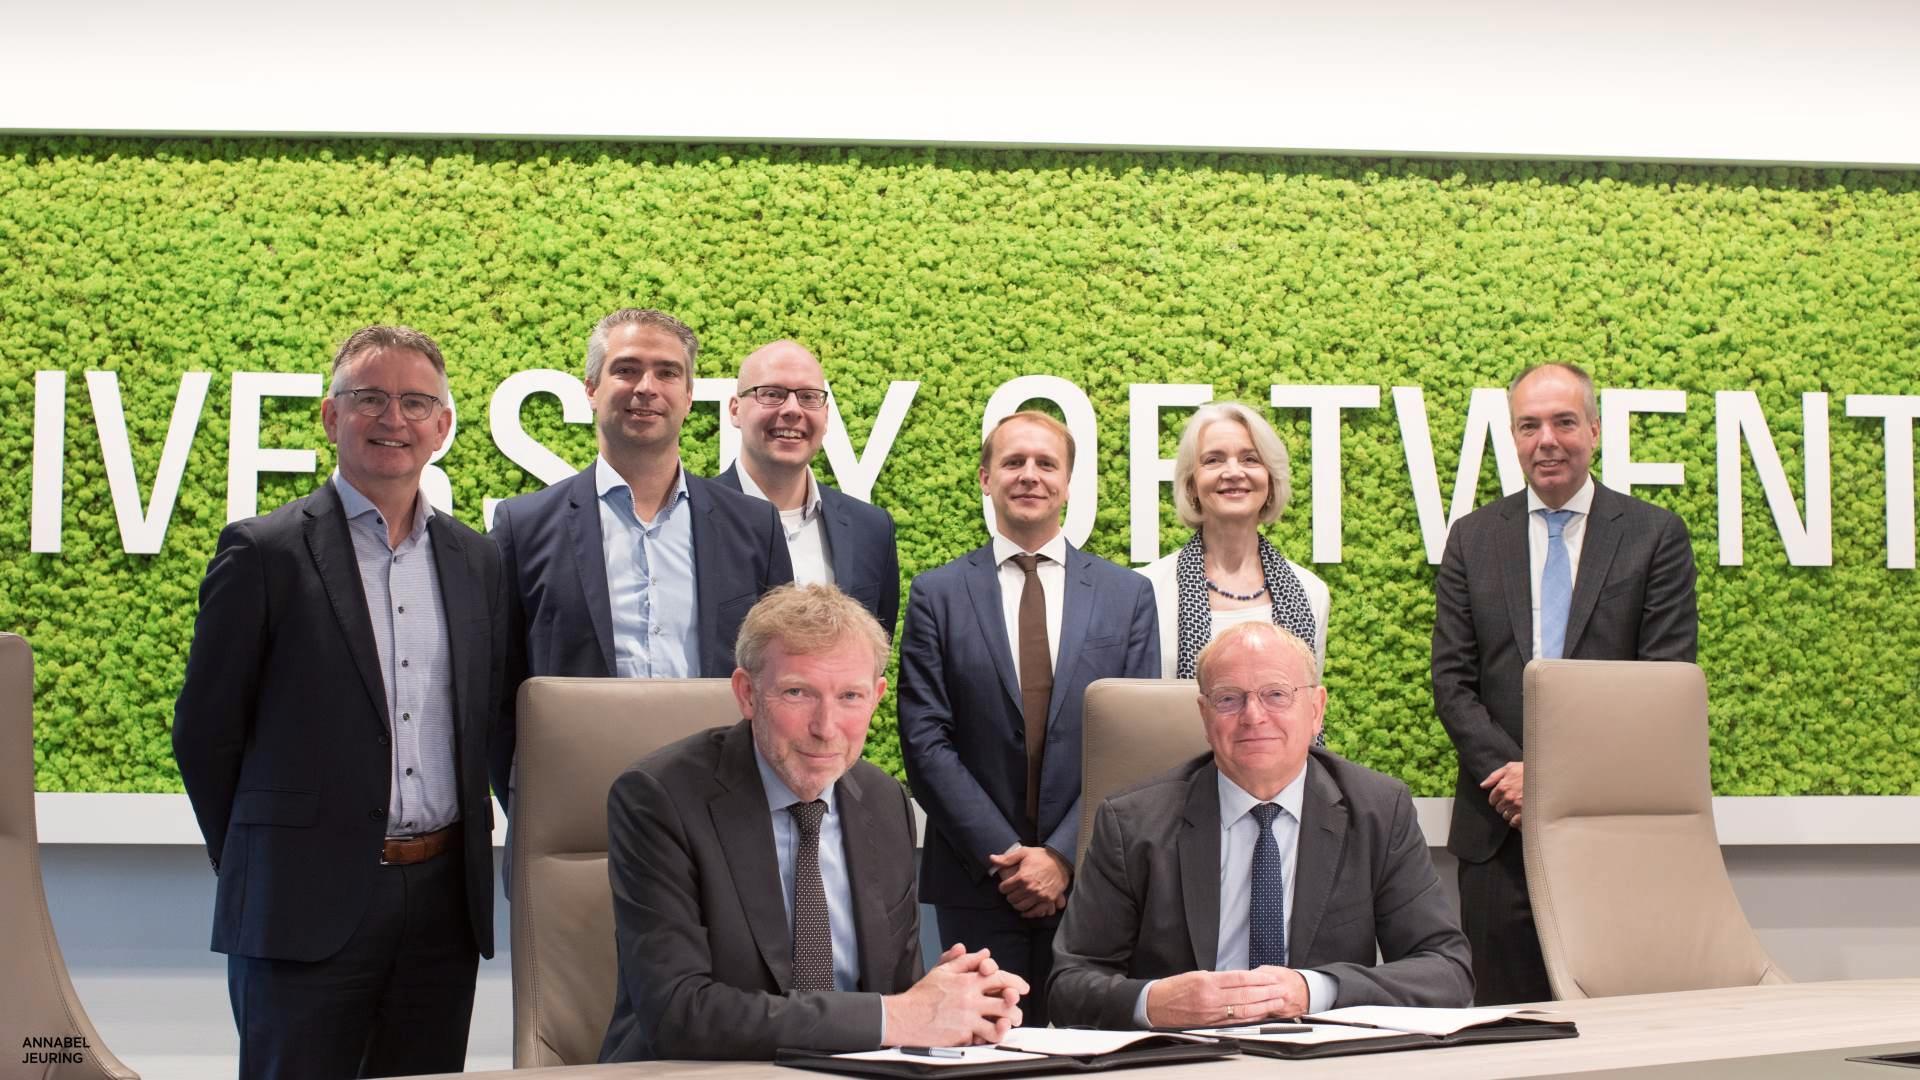 Universiteit Twente en Siemens Healthineers starten uniek research- en educatieprogramma binnen Technisch Medisch Centrum